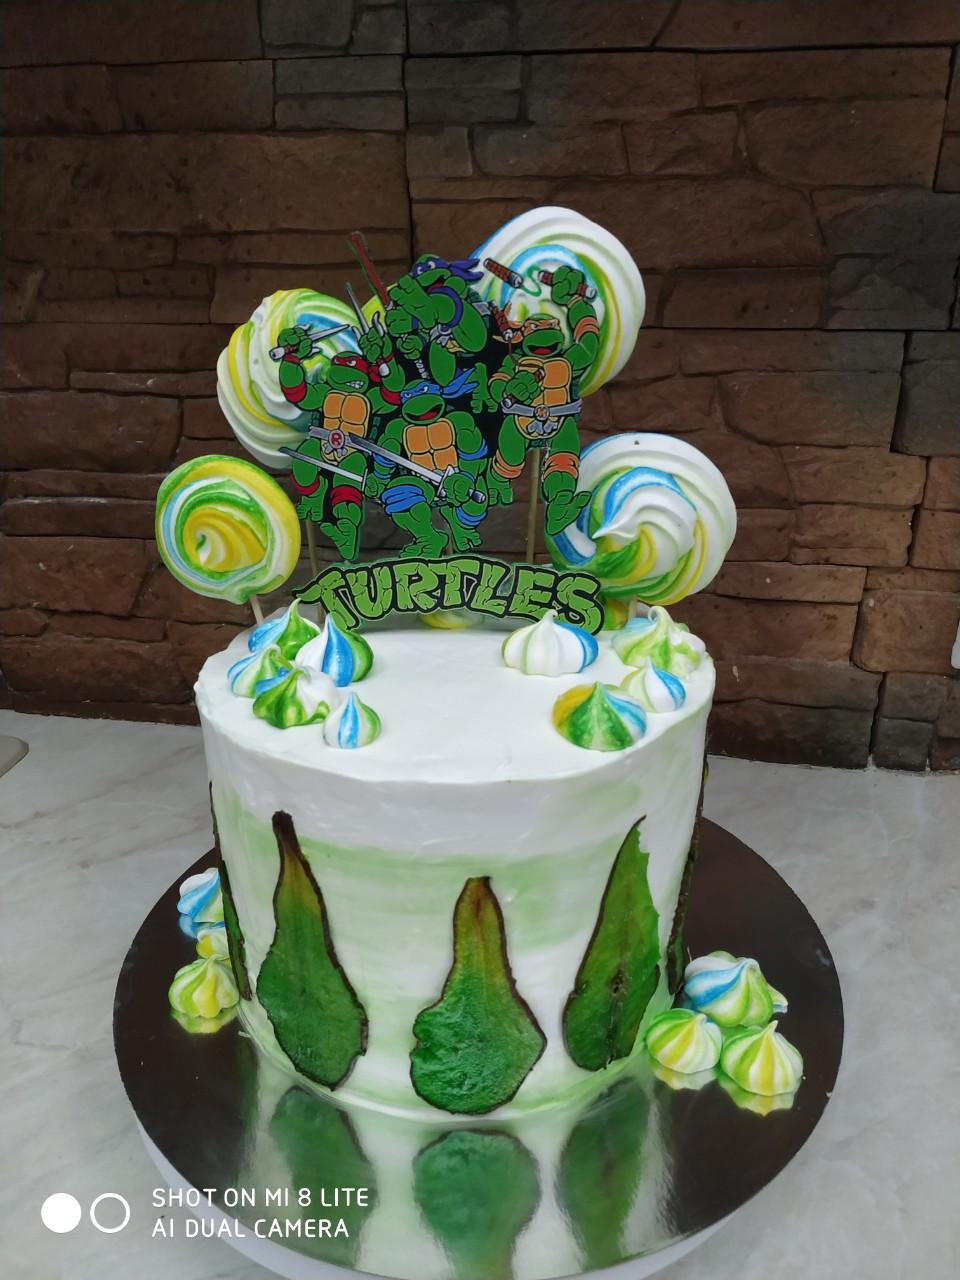 Топпер Черепашки-Ніндзя, Топпер з принтом черепашок, TMNT на торт, прикраси для торта TMNT, Turtles в торт